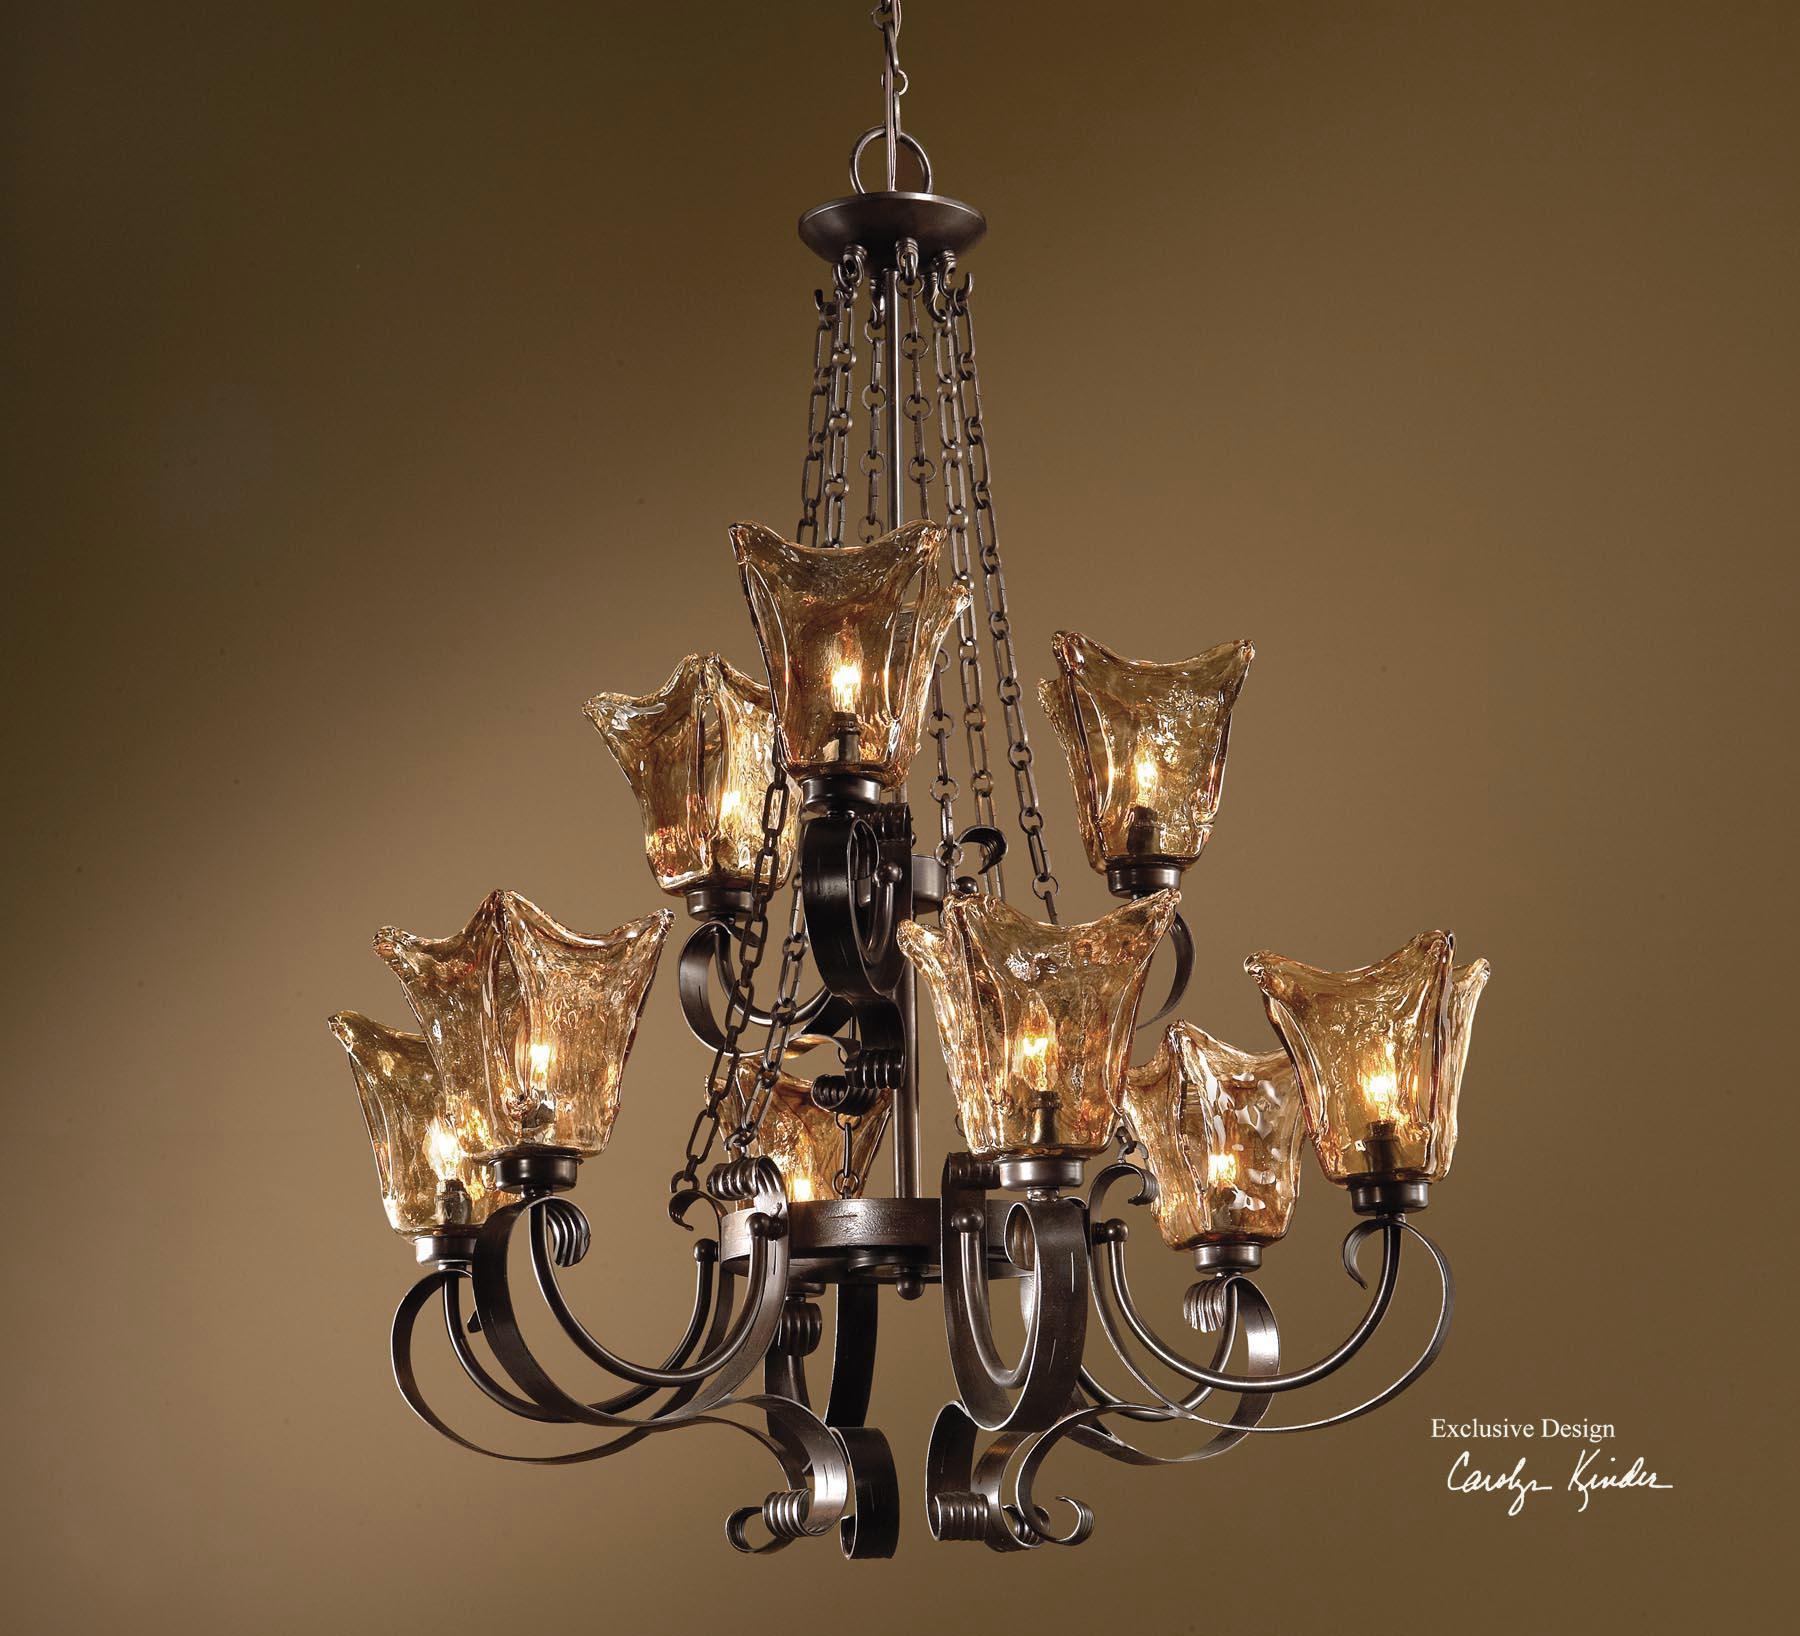 Uttermost Lighting Fixtures Vetraio 9-Light Chandelier - Item Number: 21005